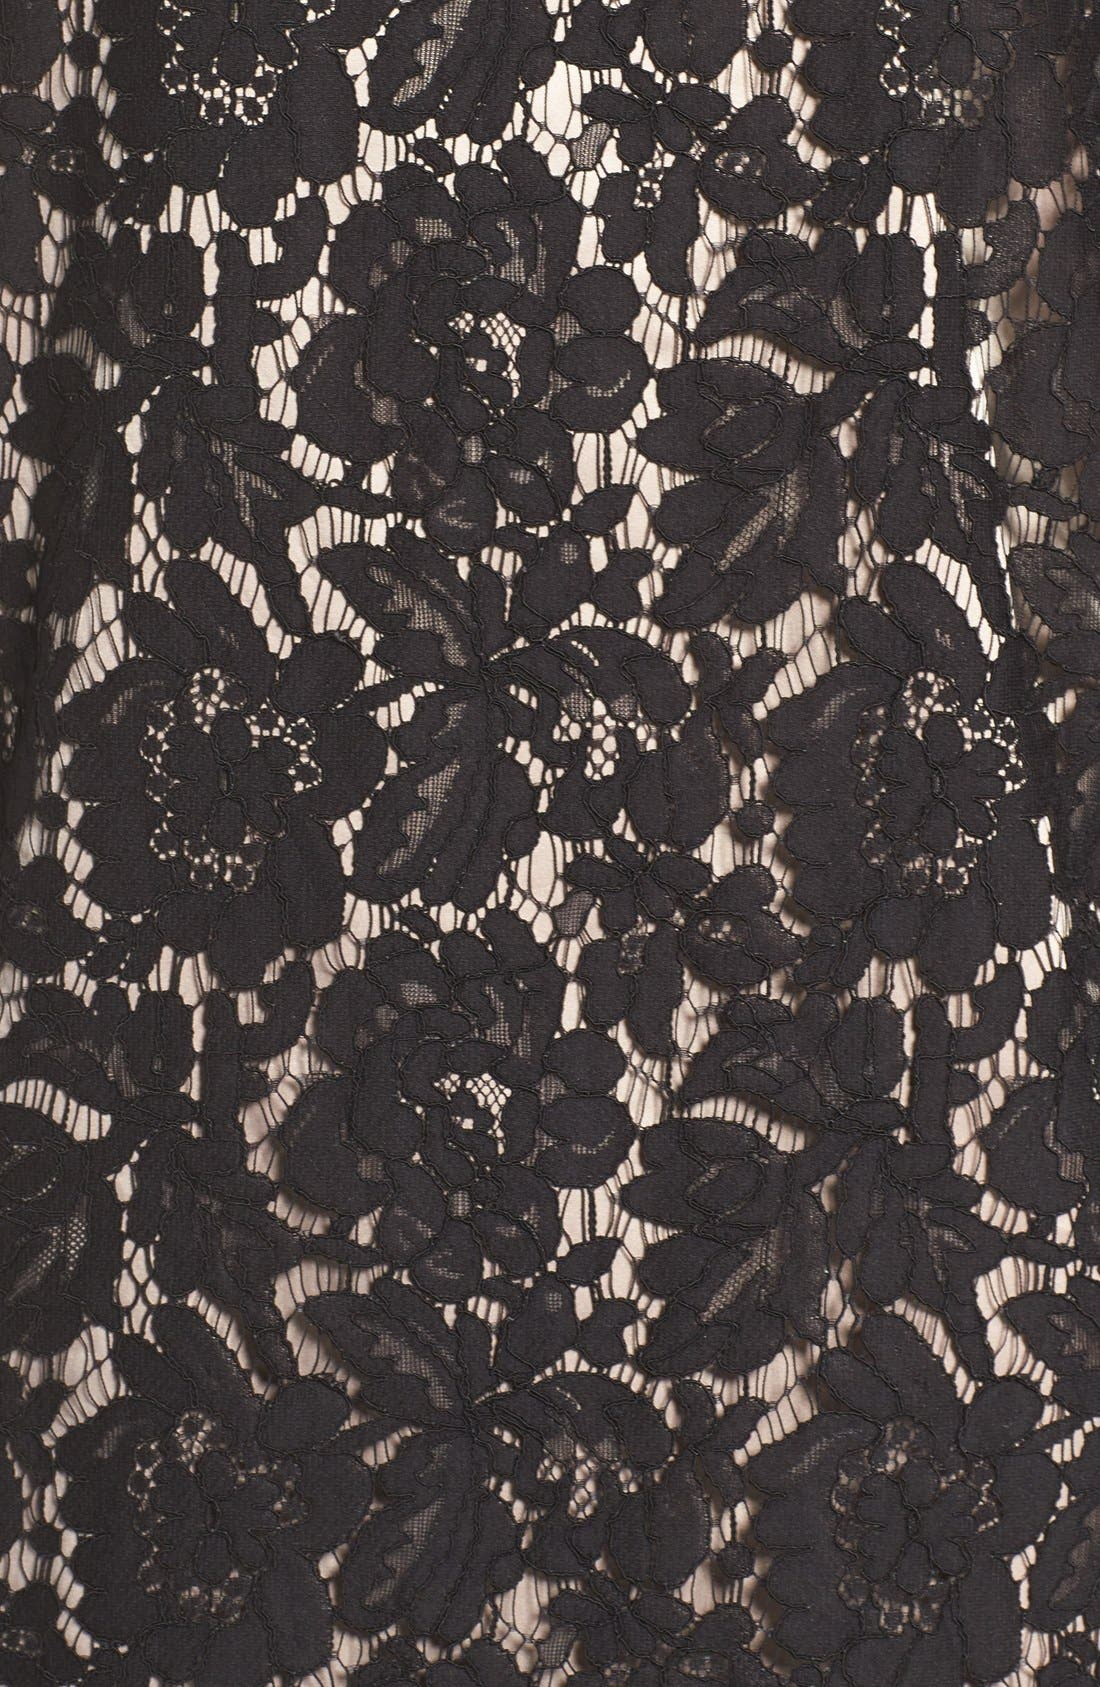 Cold Shoulder Lace Shift Dress,                             Alternate thumbnail 6, color,                             001